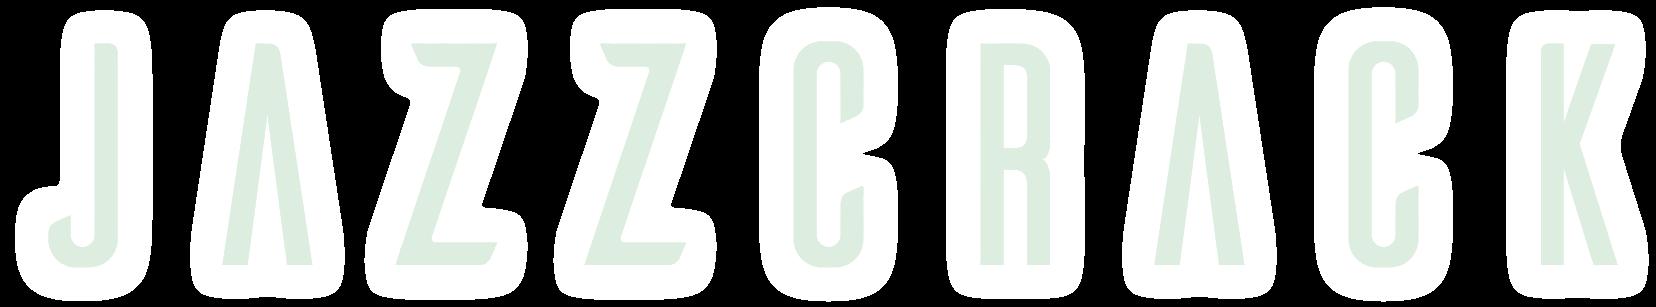 Jazzcrack.com